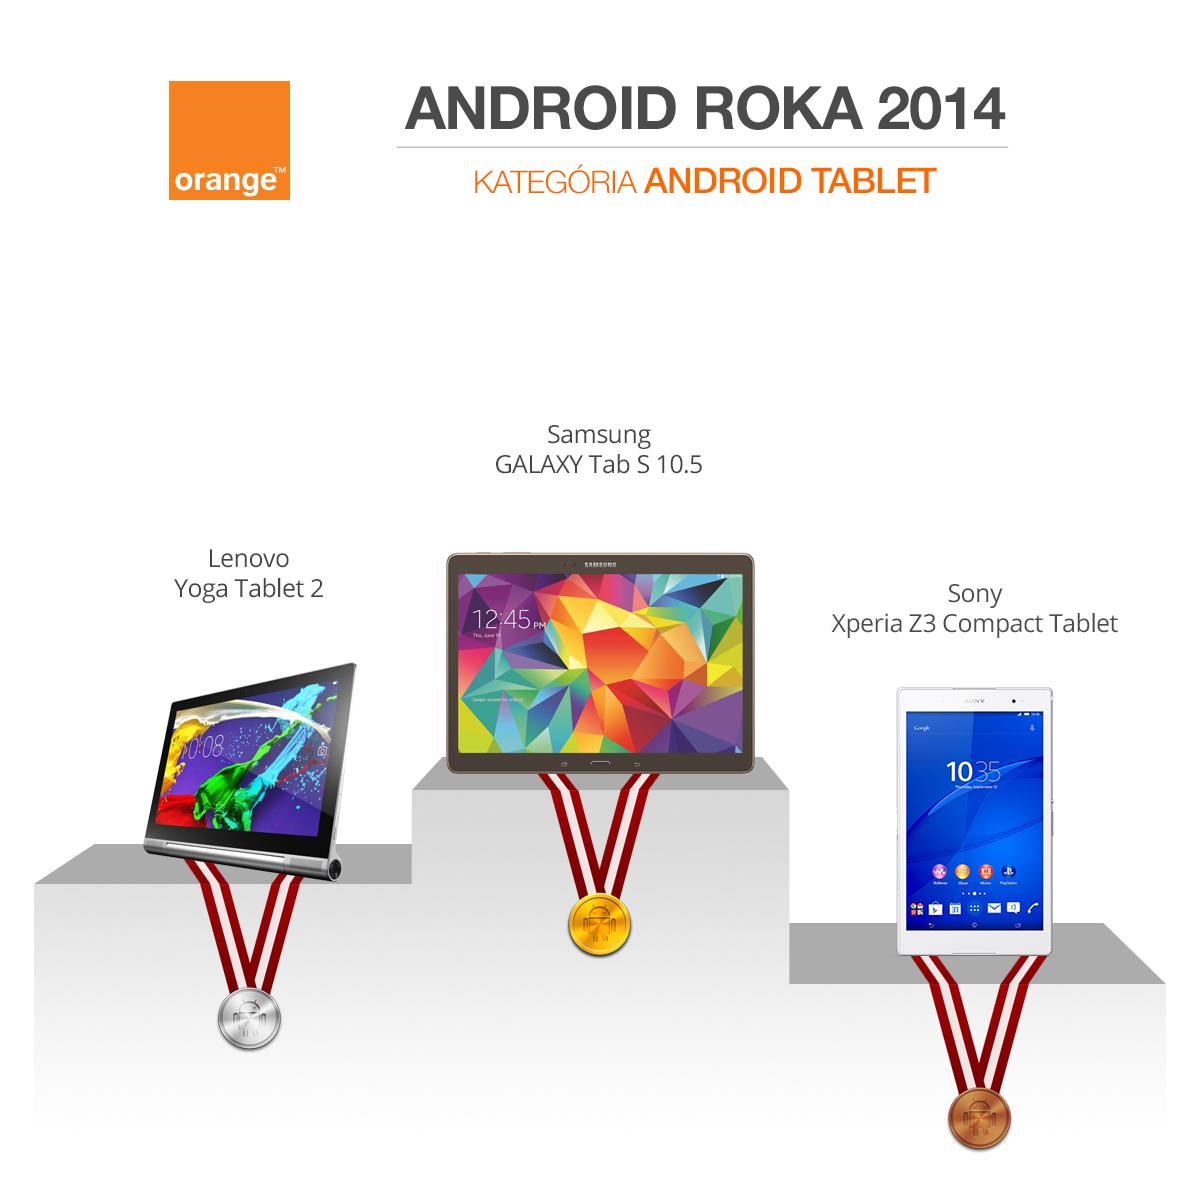 android roka 2014-tablet